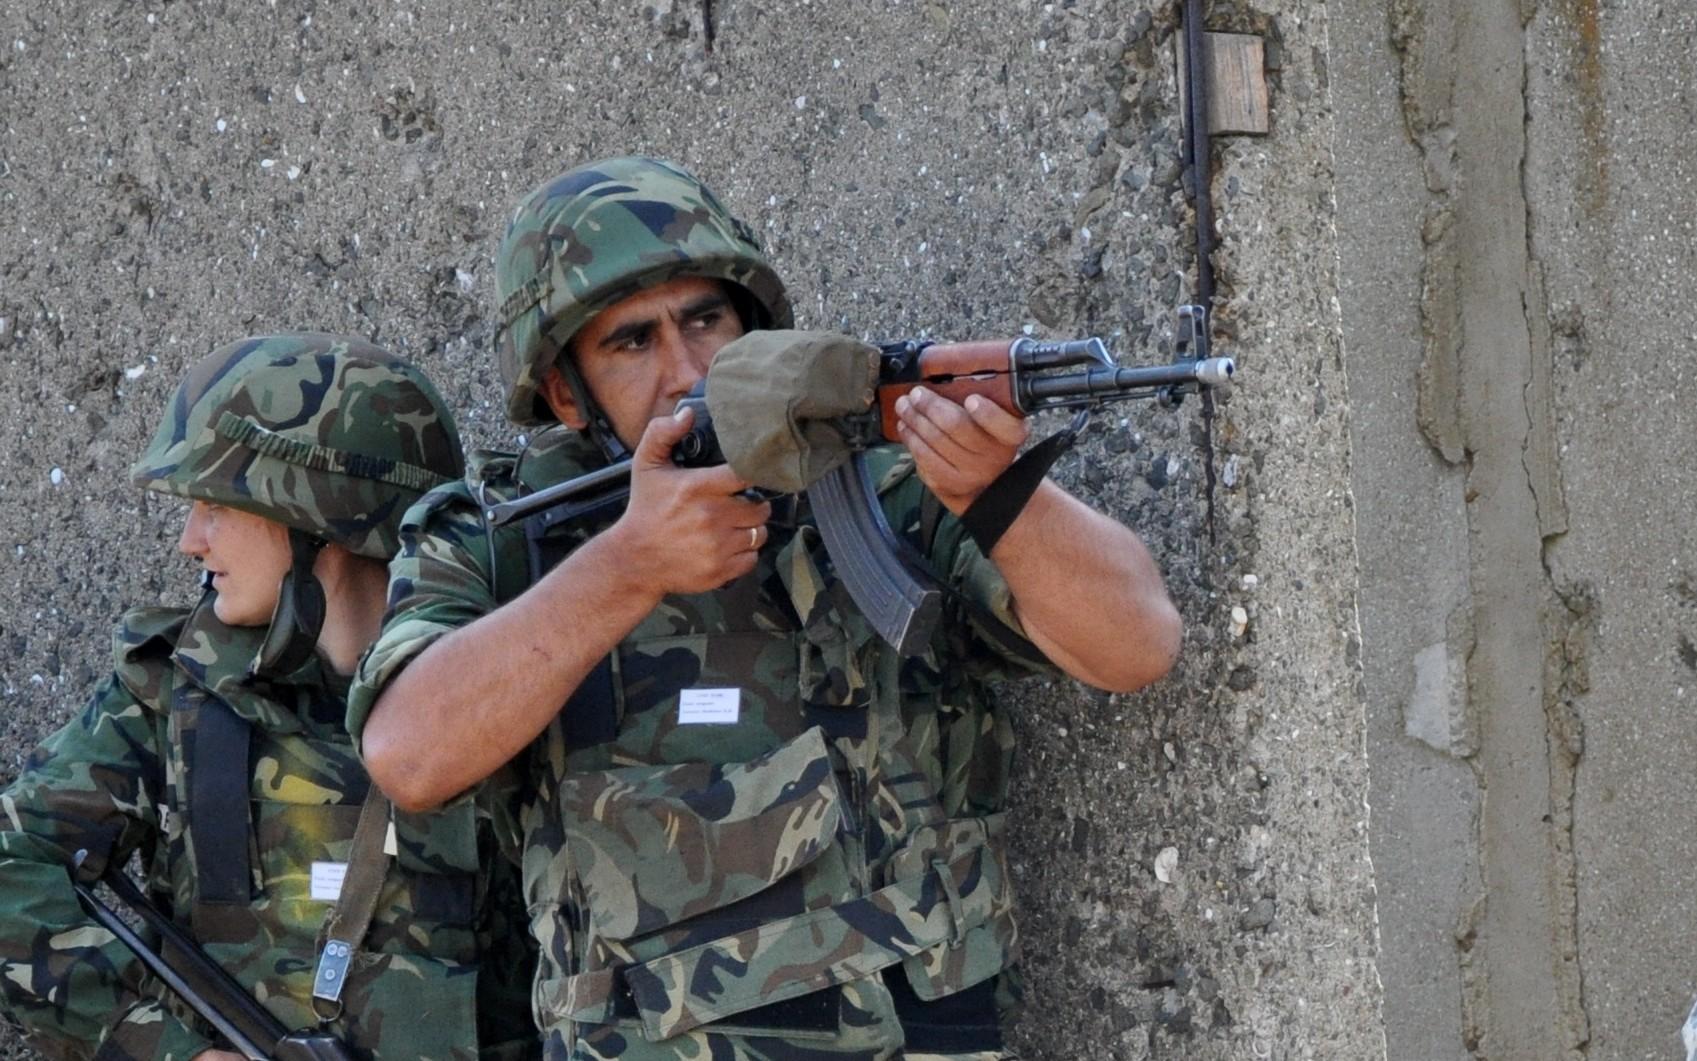 «Γίνε στρατιώτης»: Η Βουλγαρία συνεχίζει να στρατολογεί για να καλύψει τις ελλείψεις στο στράτευμα